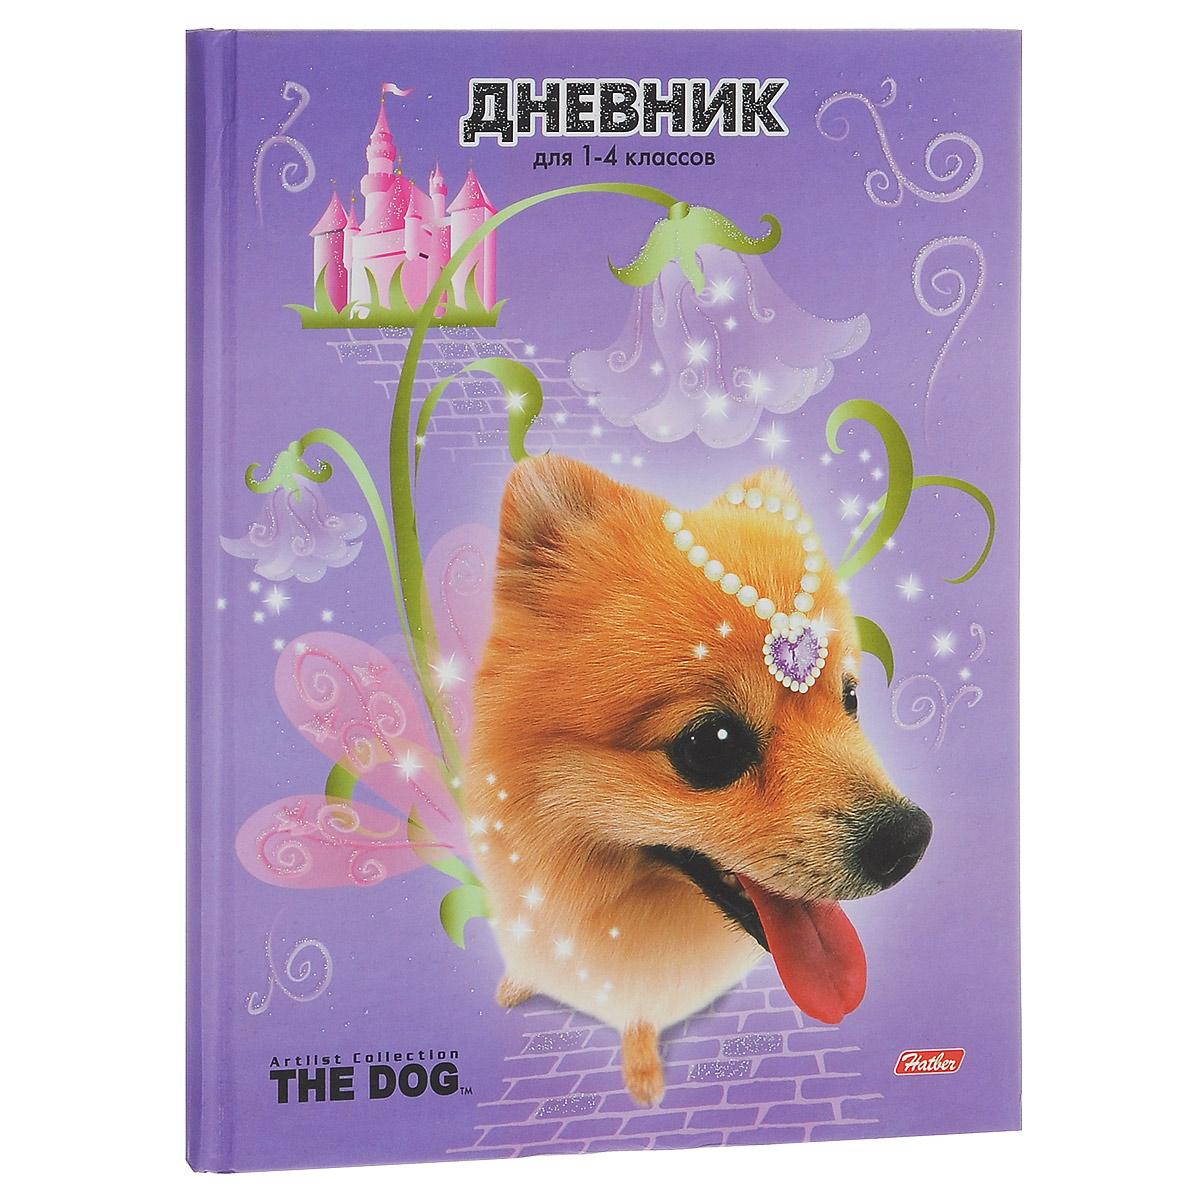 Дневник школьный Hatber The Dog48ДмТ5блB_12296Школьный дневник Hatber The Dog - первый ежедневник вашего ребенка. Он поможет ему не забыть свои задания, а вы всегда сможете проконтролировать его успеваемость. Дневник предназначен для учеников 1-4 классов. Обложка дневника выполнена из плотного глянцевого картона и оформлена изображением забавного щенка. Внутренний блок изготовлен из высококачественной бумаги и состоит из 48 листов. В структуру дневника входят все необходимые разделы: информация о личных данных ученика, школе и педагогах, друзьях и одноклассниках, расписание факультативов и уроков по четвертям, сведения об успеваемости с рекомендациями педагогического коллектива. Дневник также содержит номера телефонов экстренной помощи и даты государственных праздников. Кроме стандартной информации, в конце дневника имеется краткий справочник школьника по математике и русскому языку. Школьный дневник Hatber The Dog станет отличным помощником в освоении новых знаний и принесет радость ...